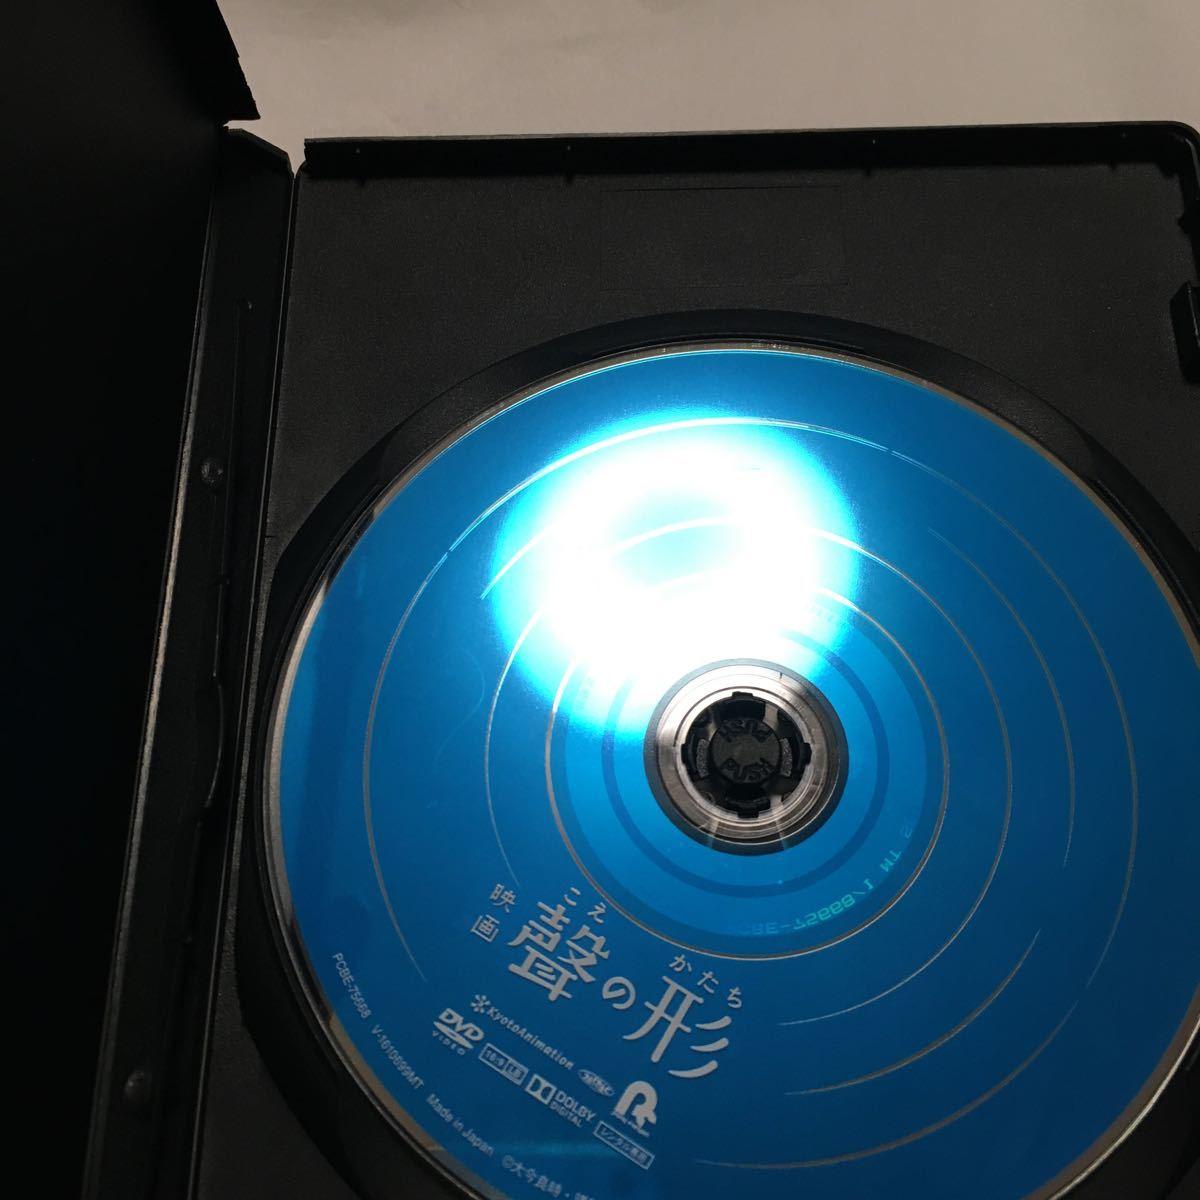 DVD 劇場アニメ 君の膵臓をたべたい & 聲の形 レンタル落ち セット 送料無料 ネコポス